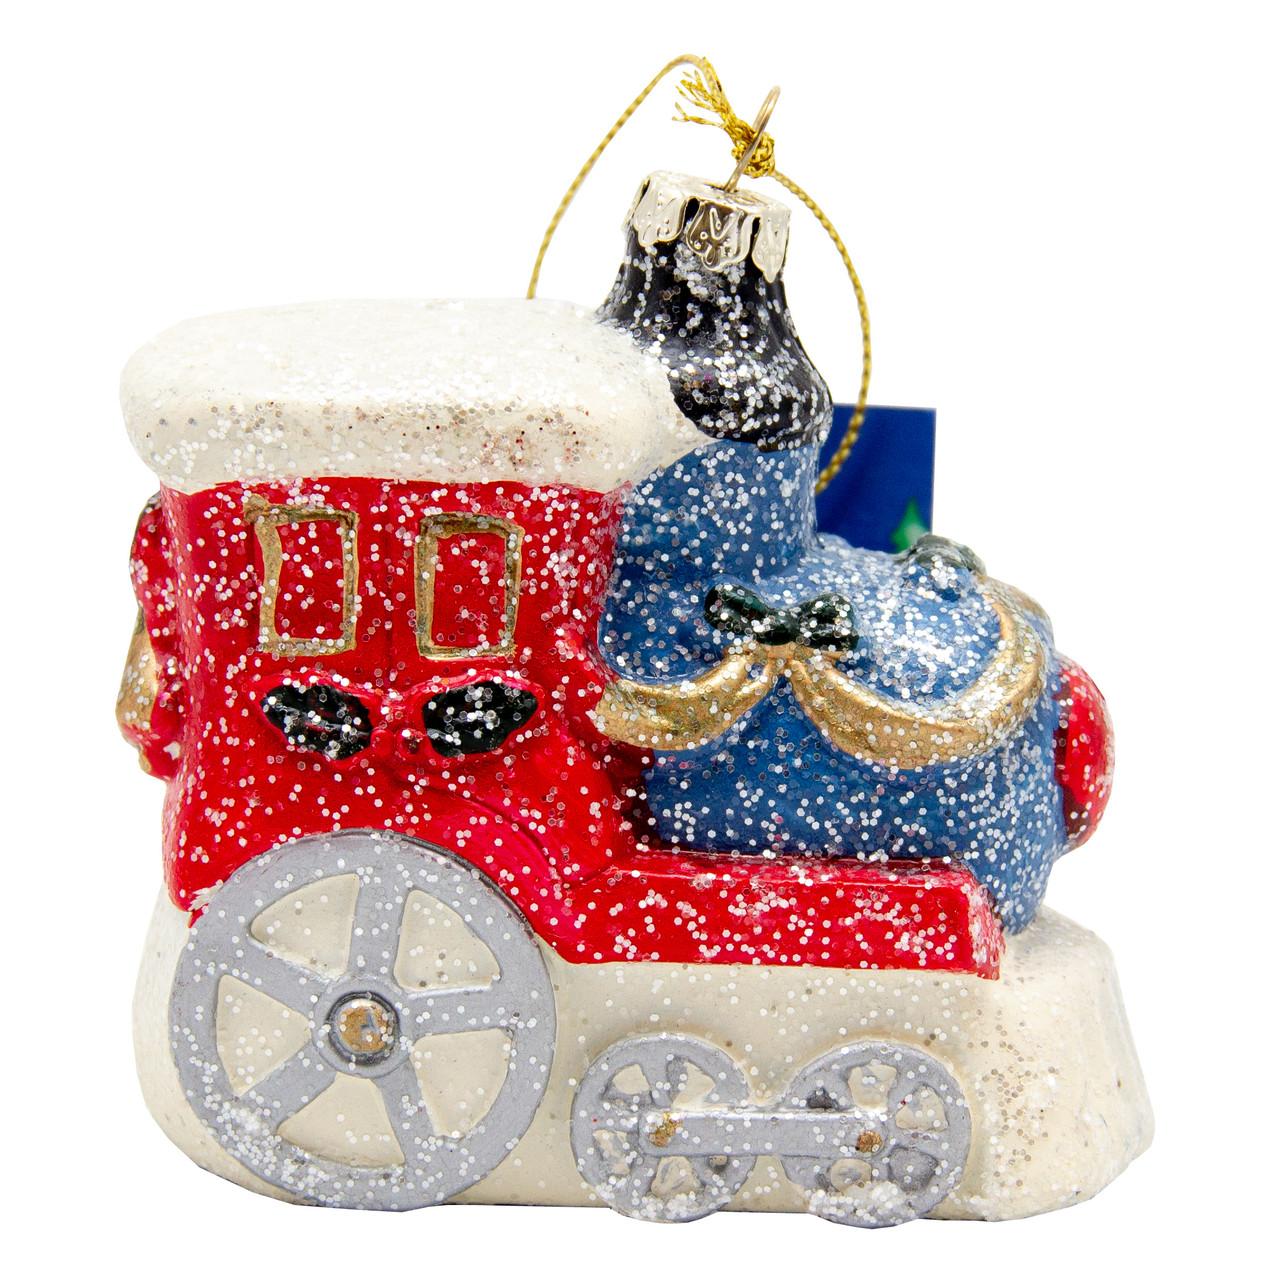 Елочная игрушка Паровозик пластиковый 9 см. (190071)